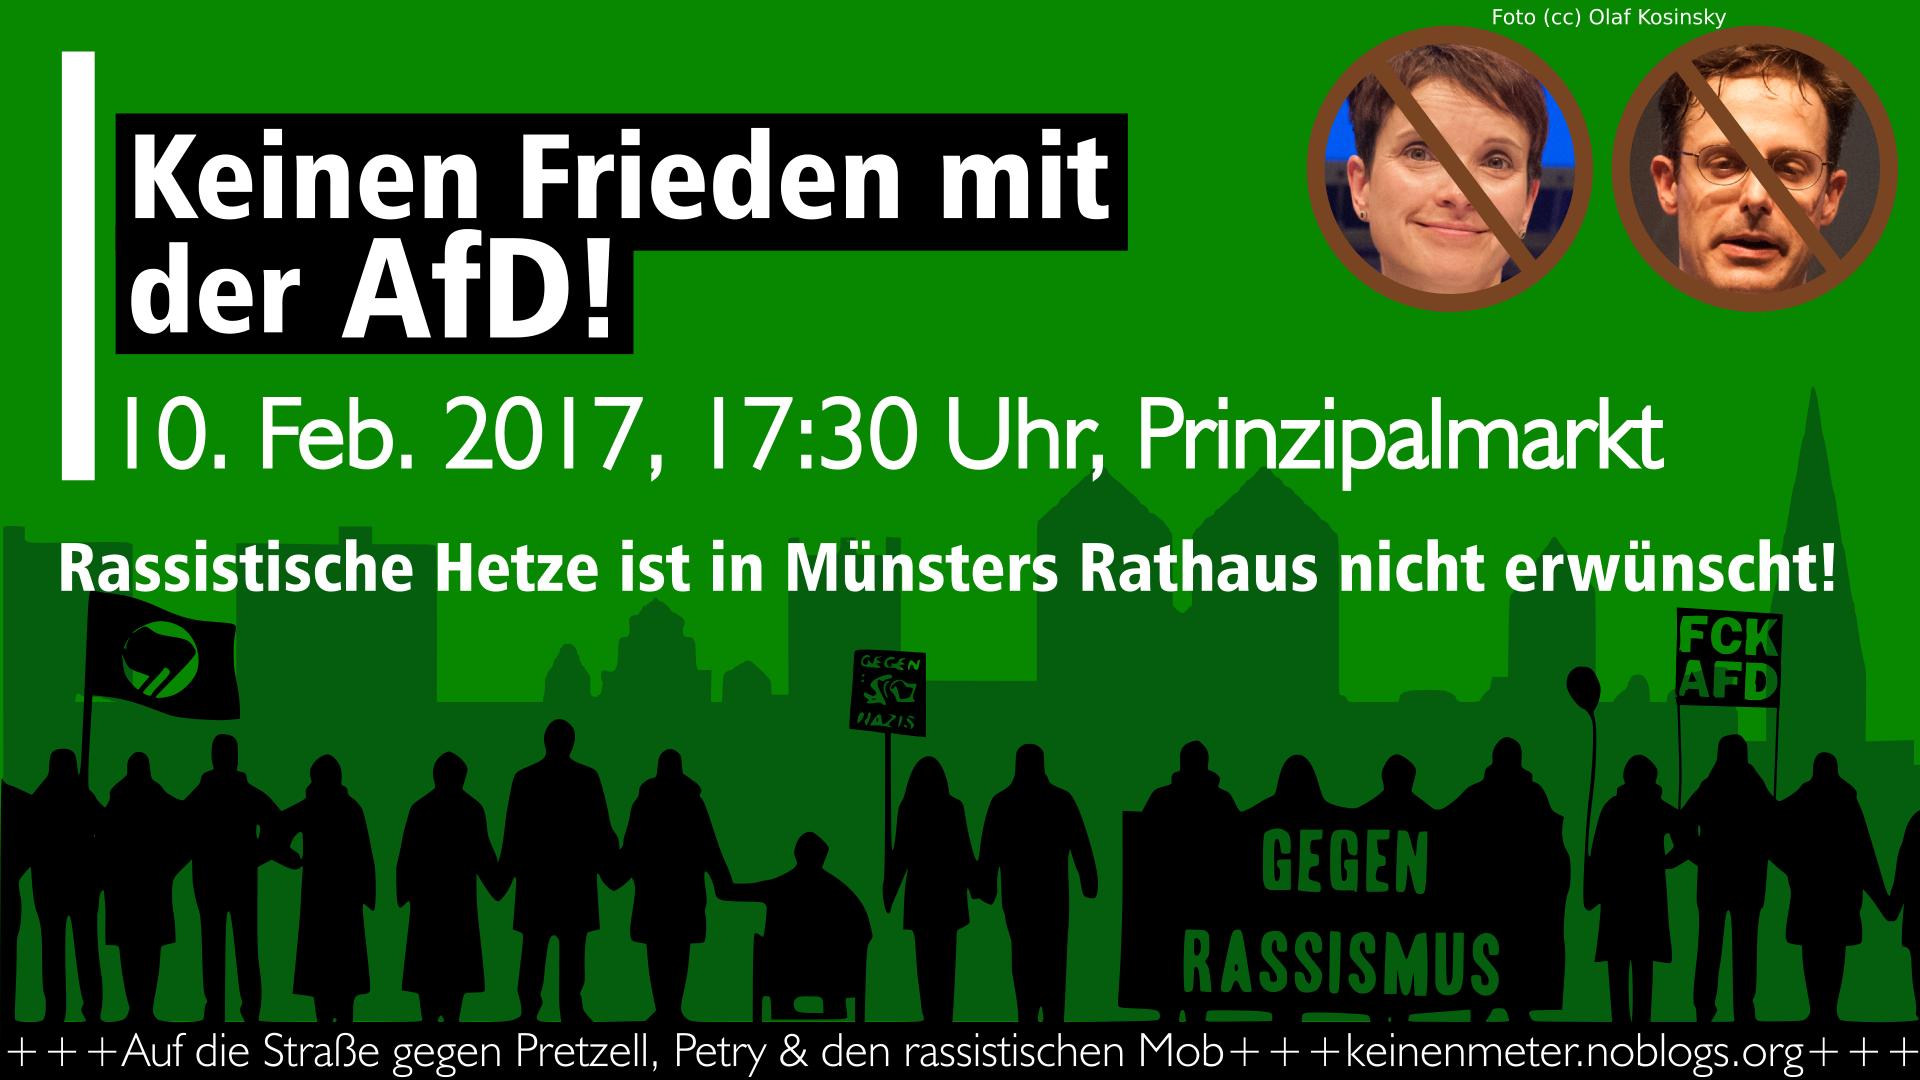 Gegen Pretzell, Petry & den rassistischen Mob der AfD!